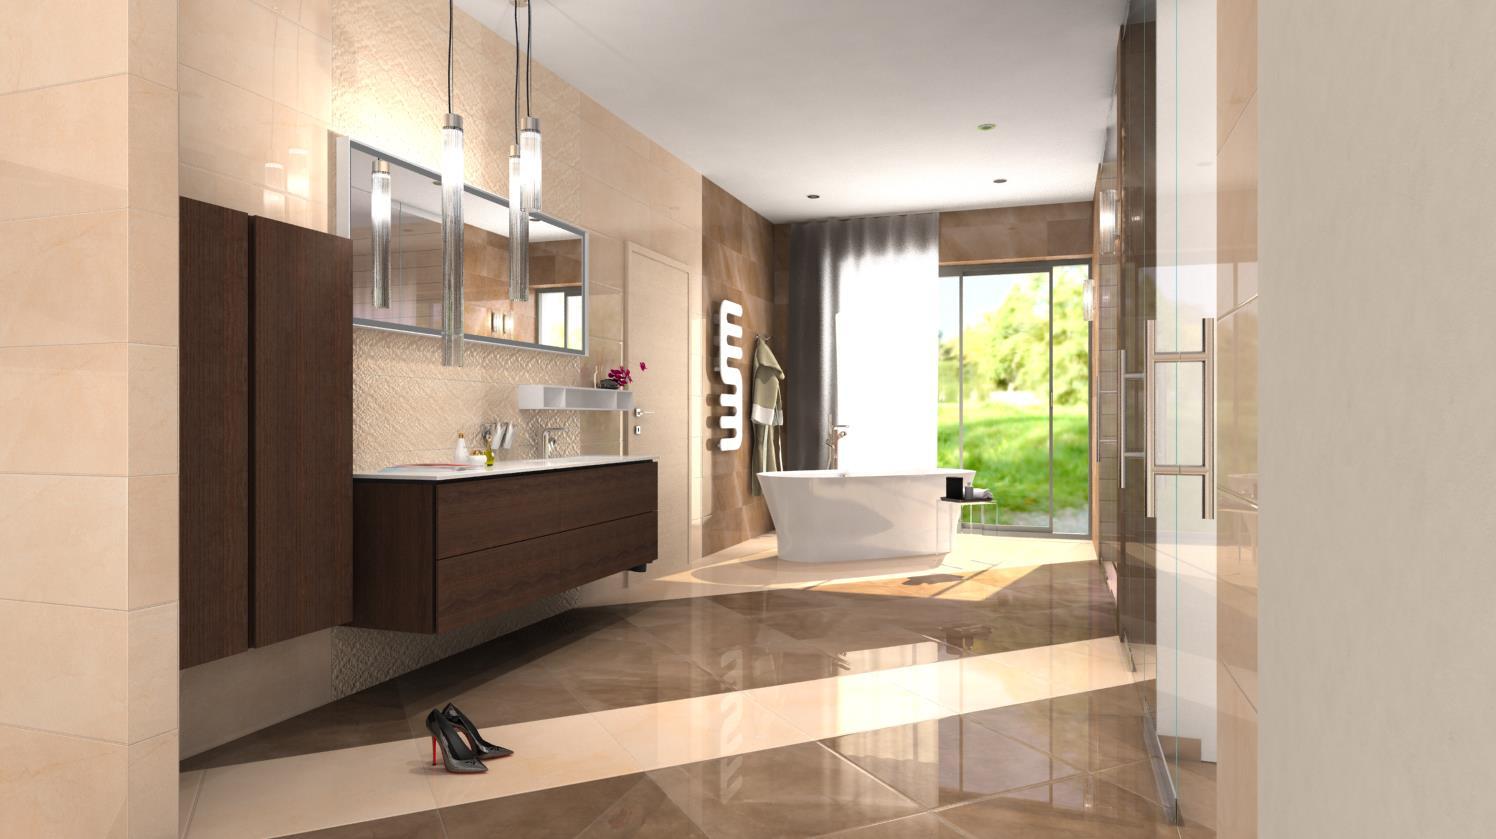 Vizualizácie kúpeľne - Obrázok č. 32